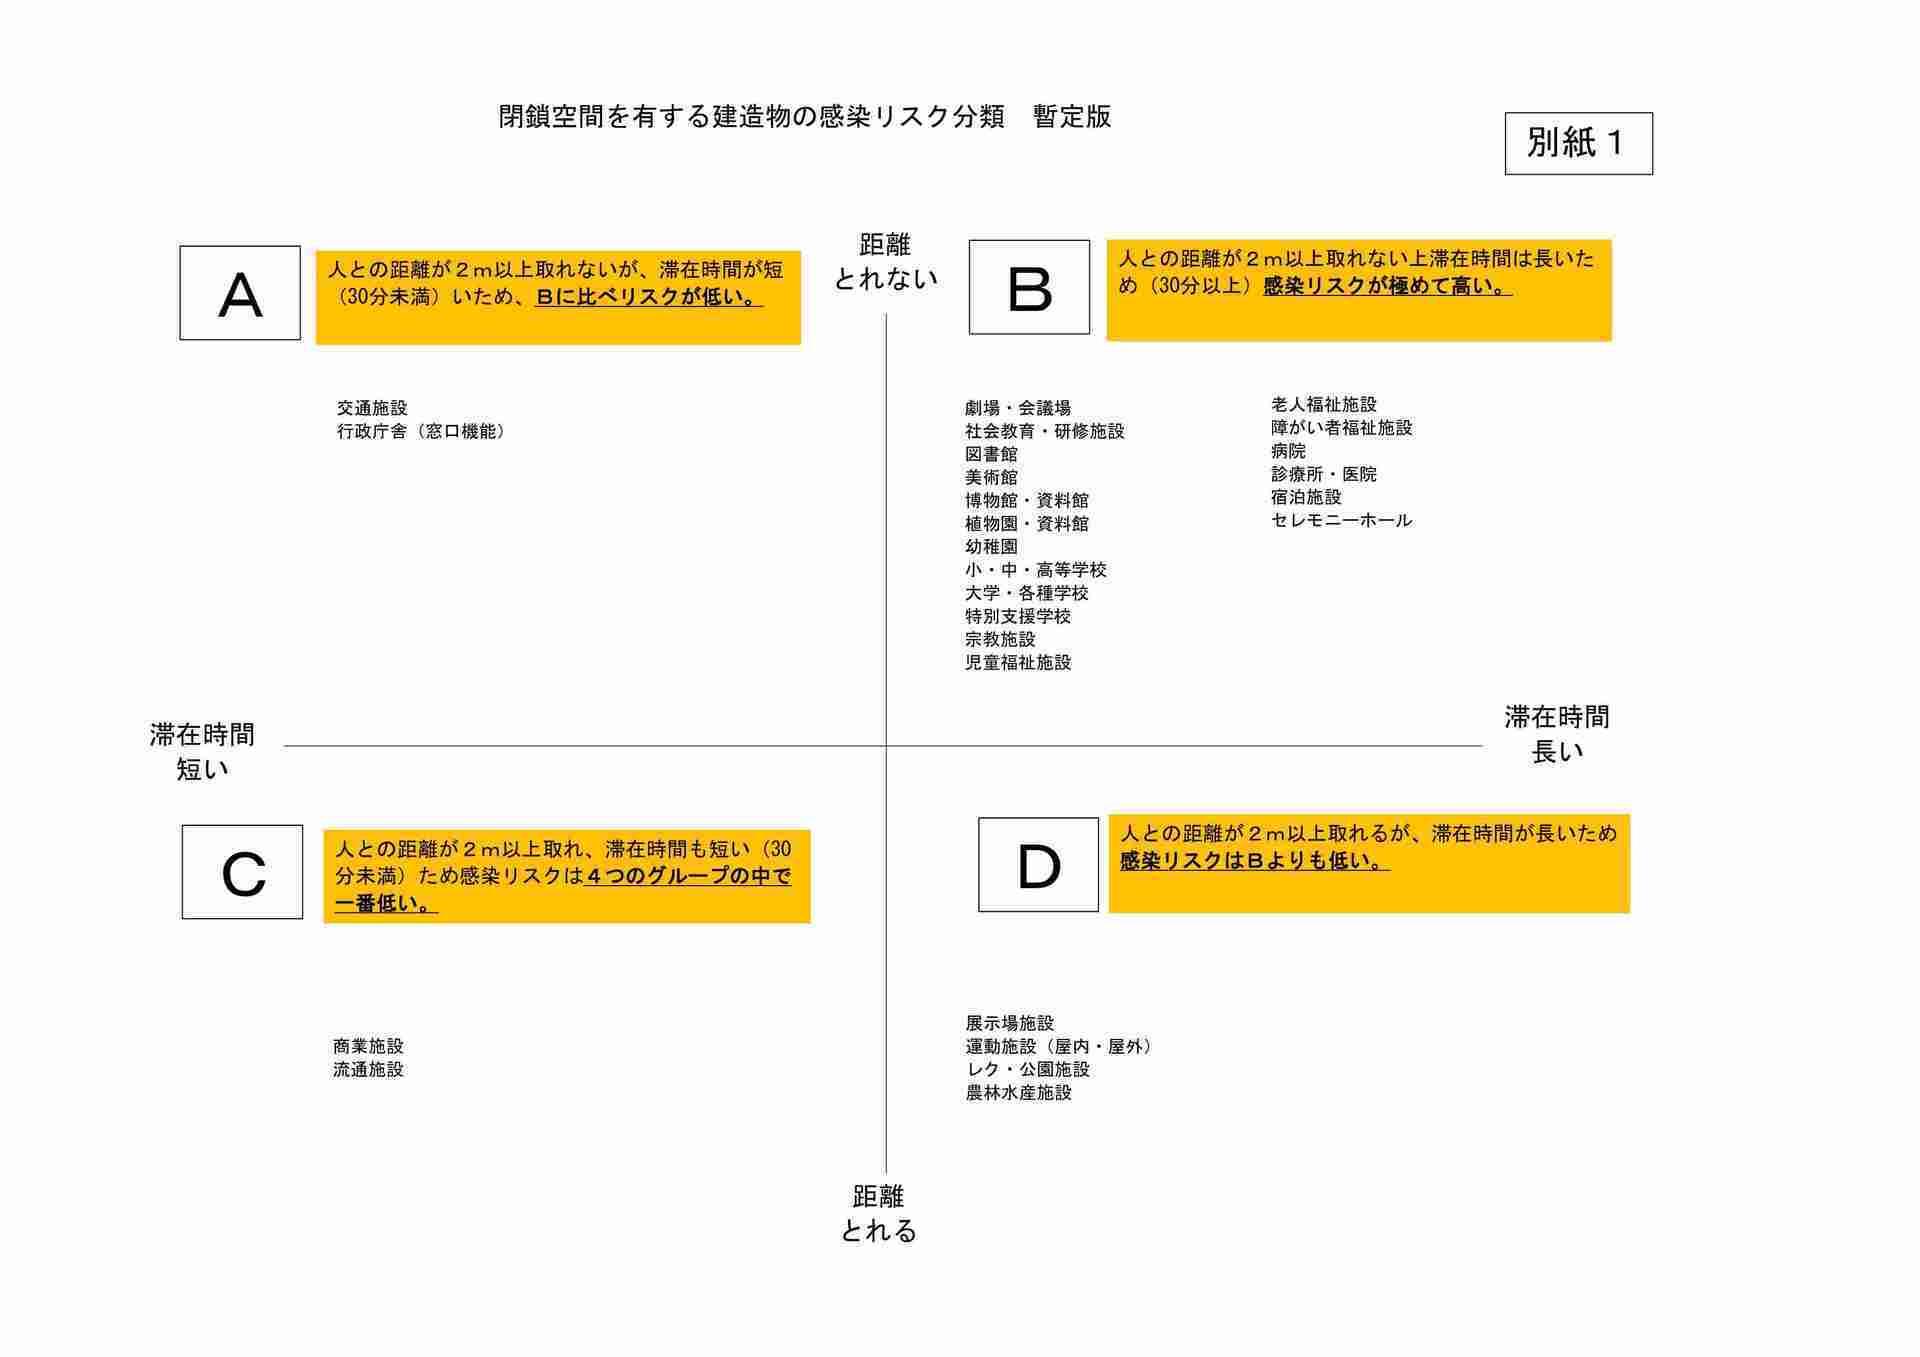 別紙1.jpg